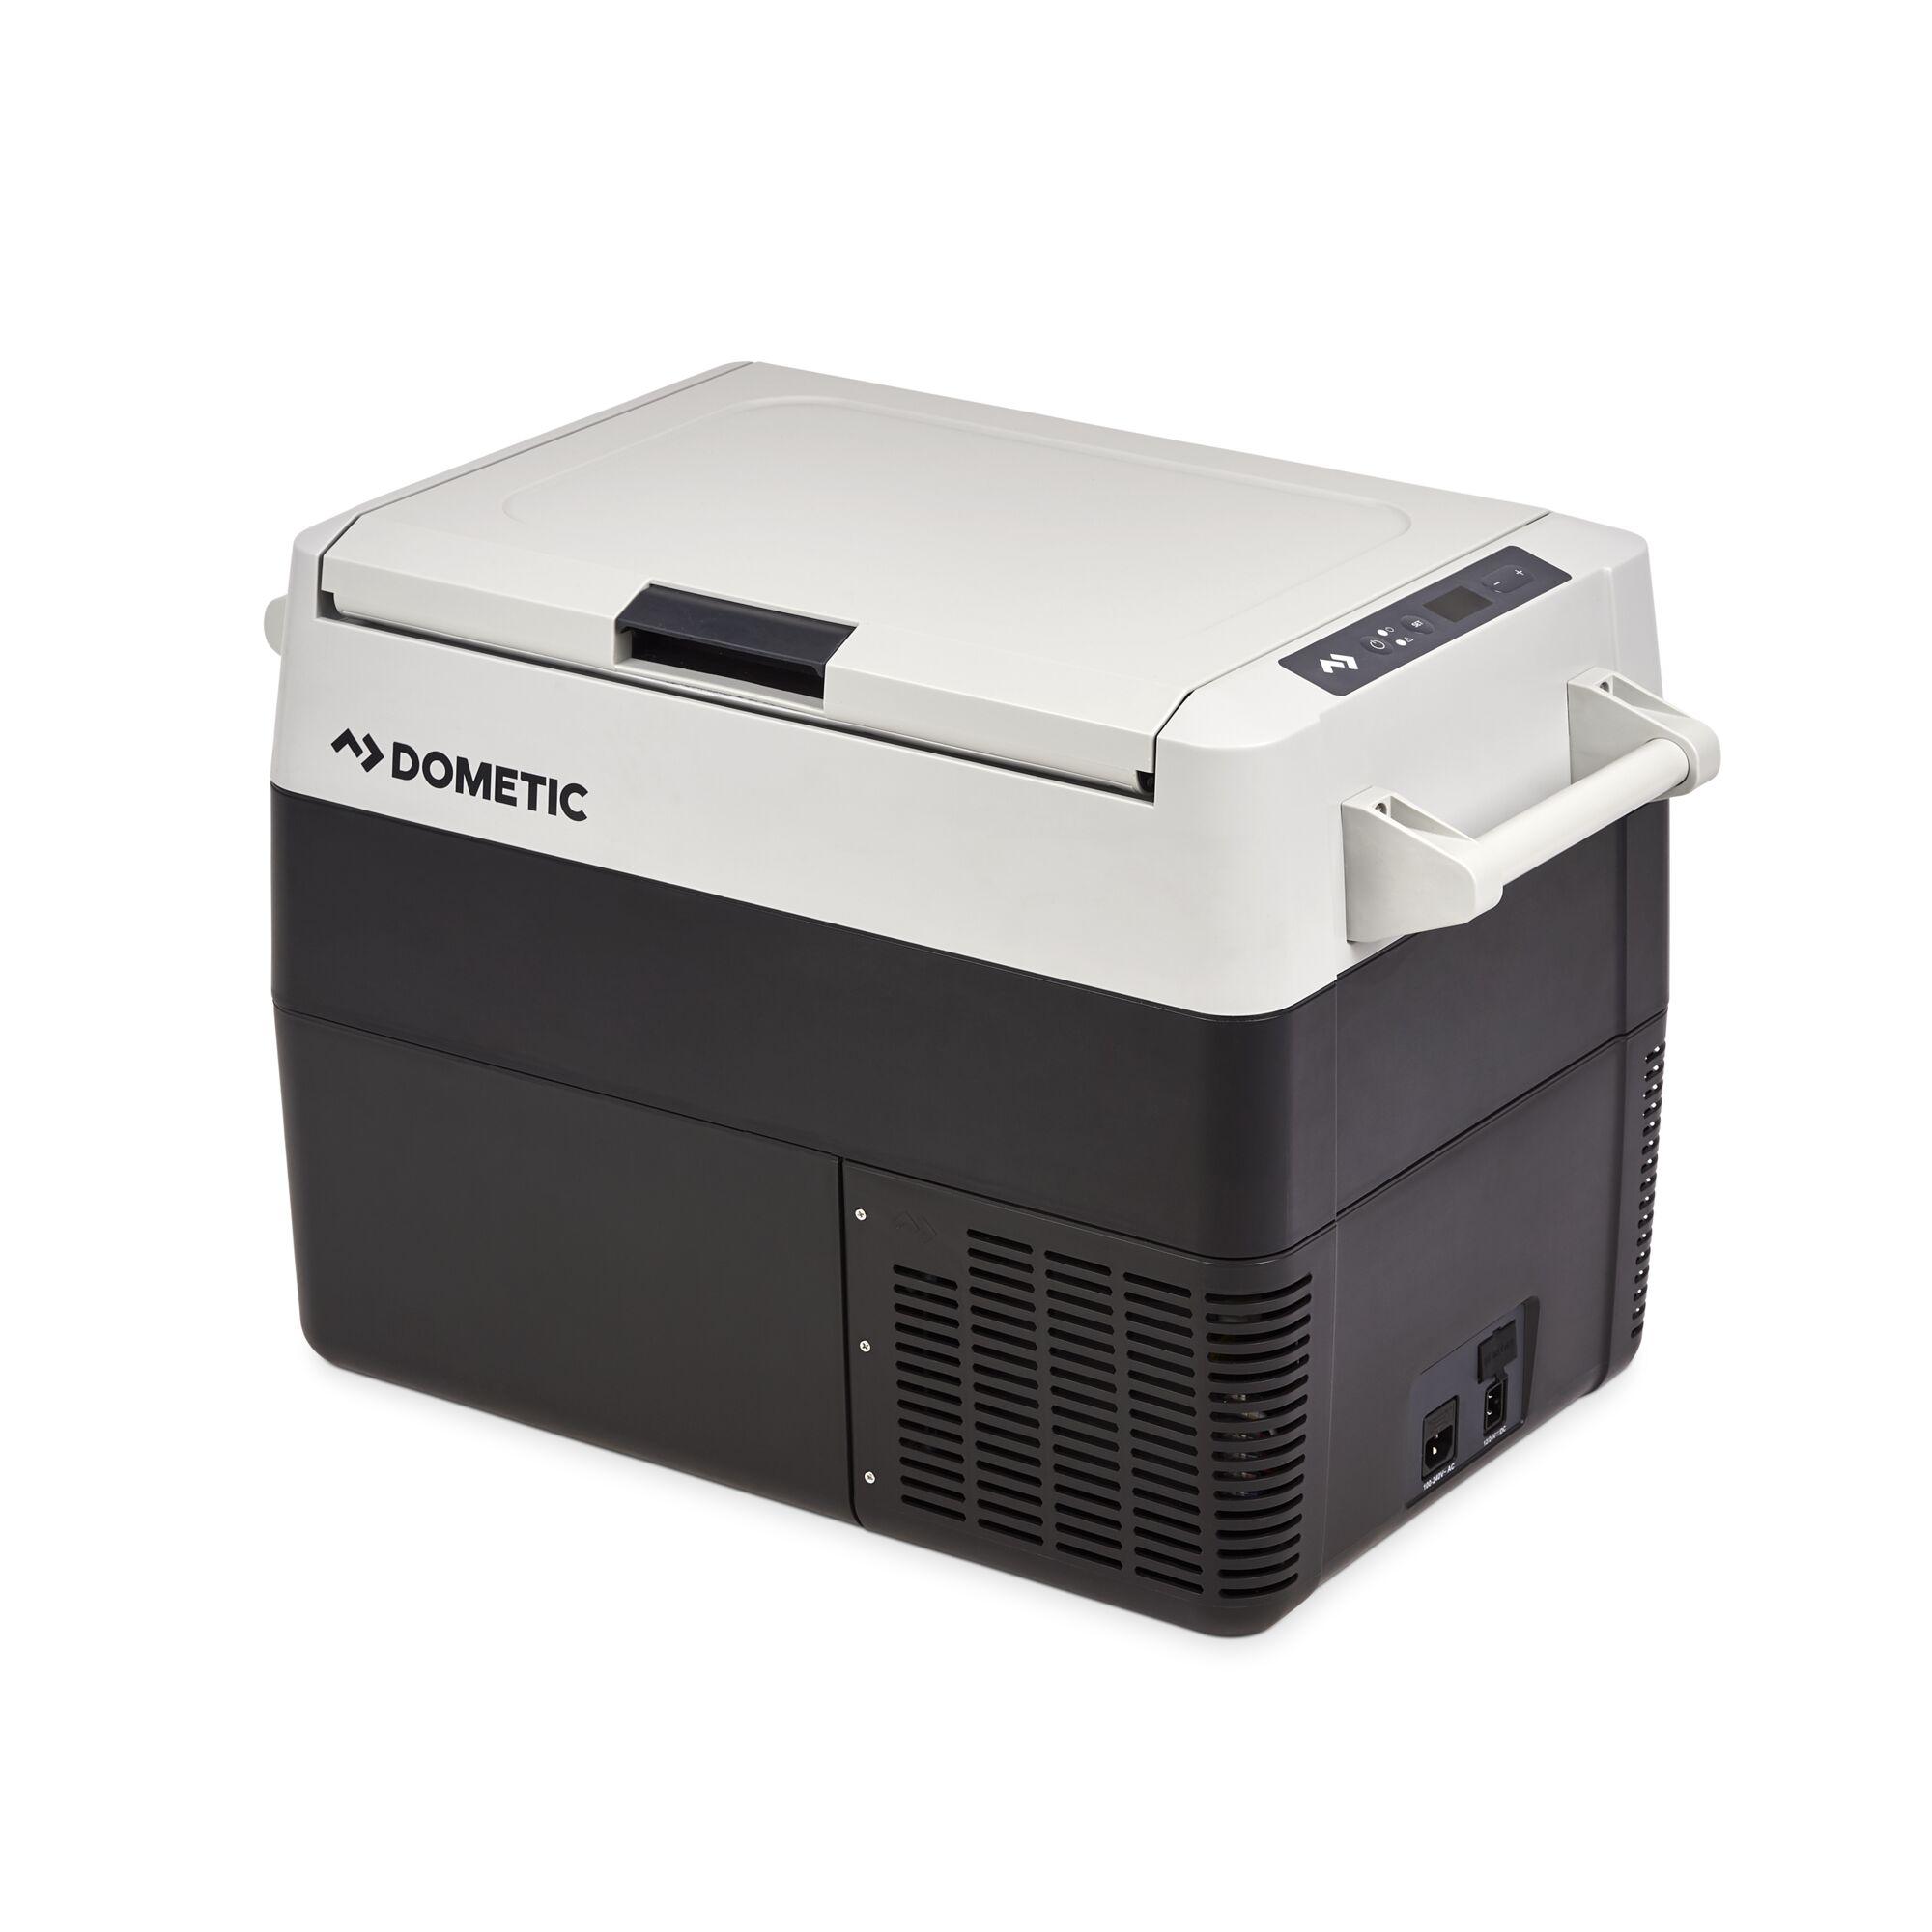 Dometic Waeco Kompressor Kühlbox CFF-45 CoolFreeze 12/24 Volt Kühltasche EEK C